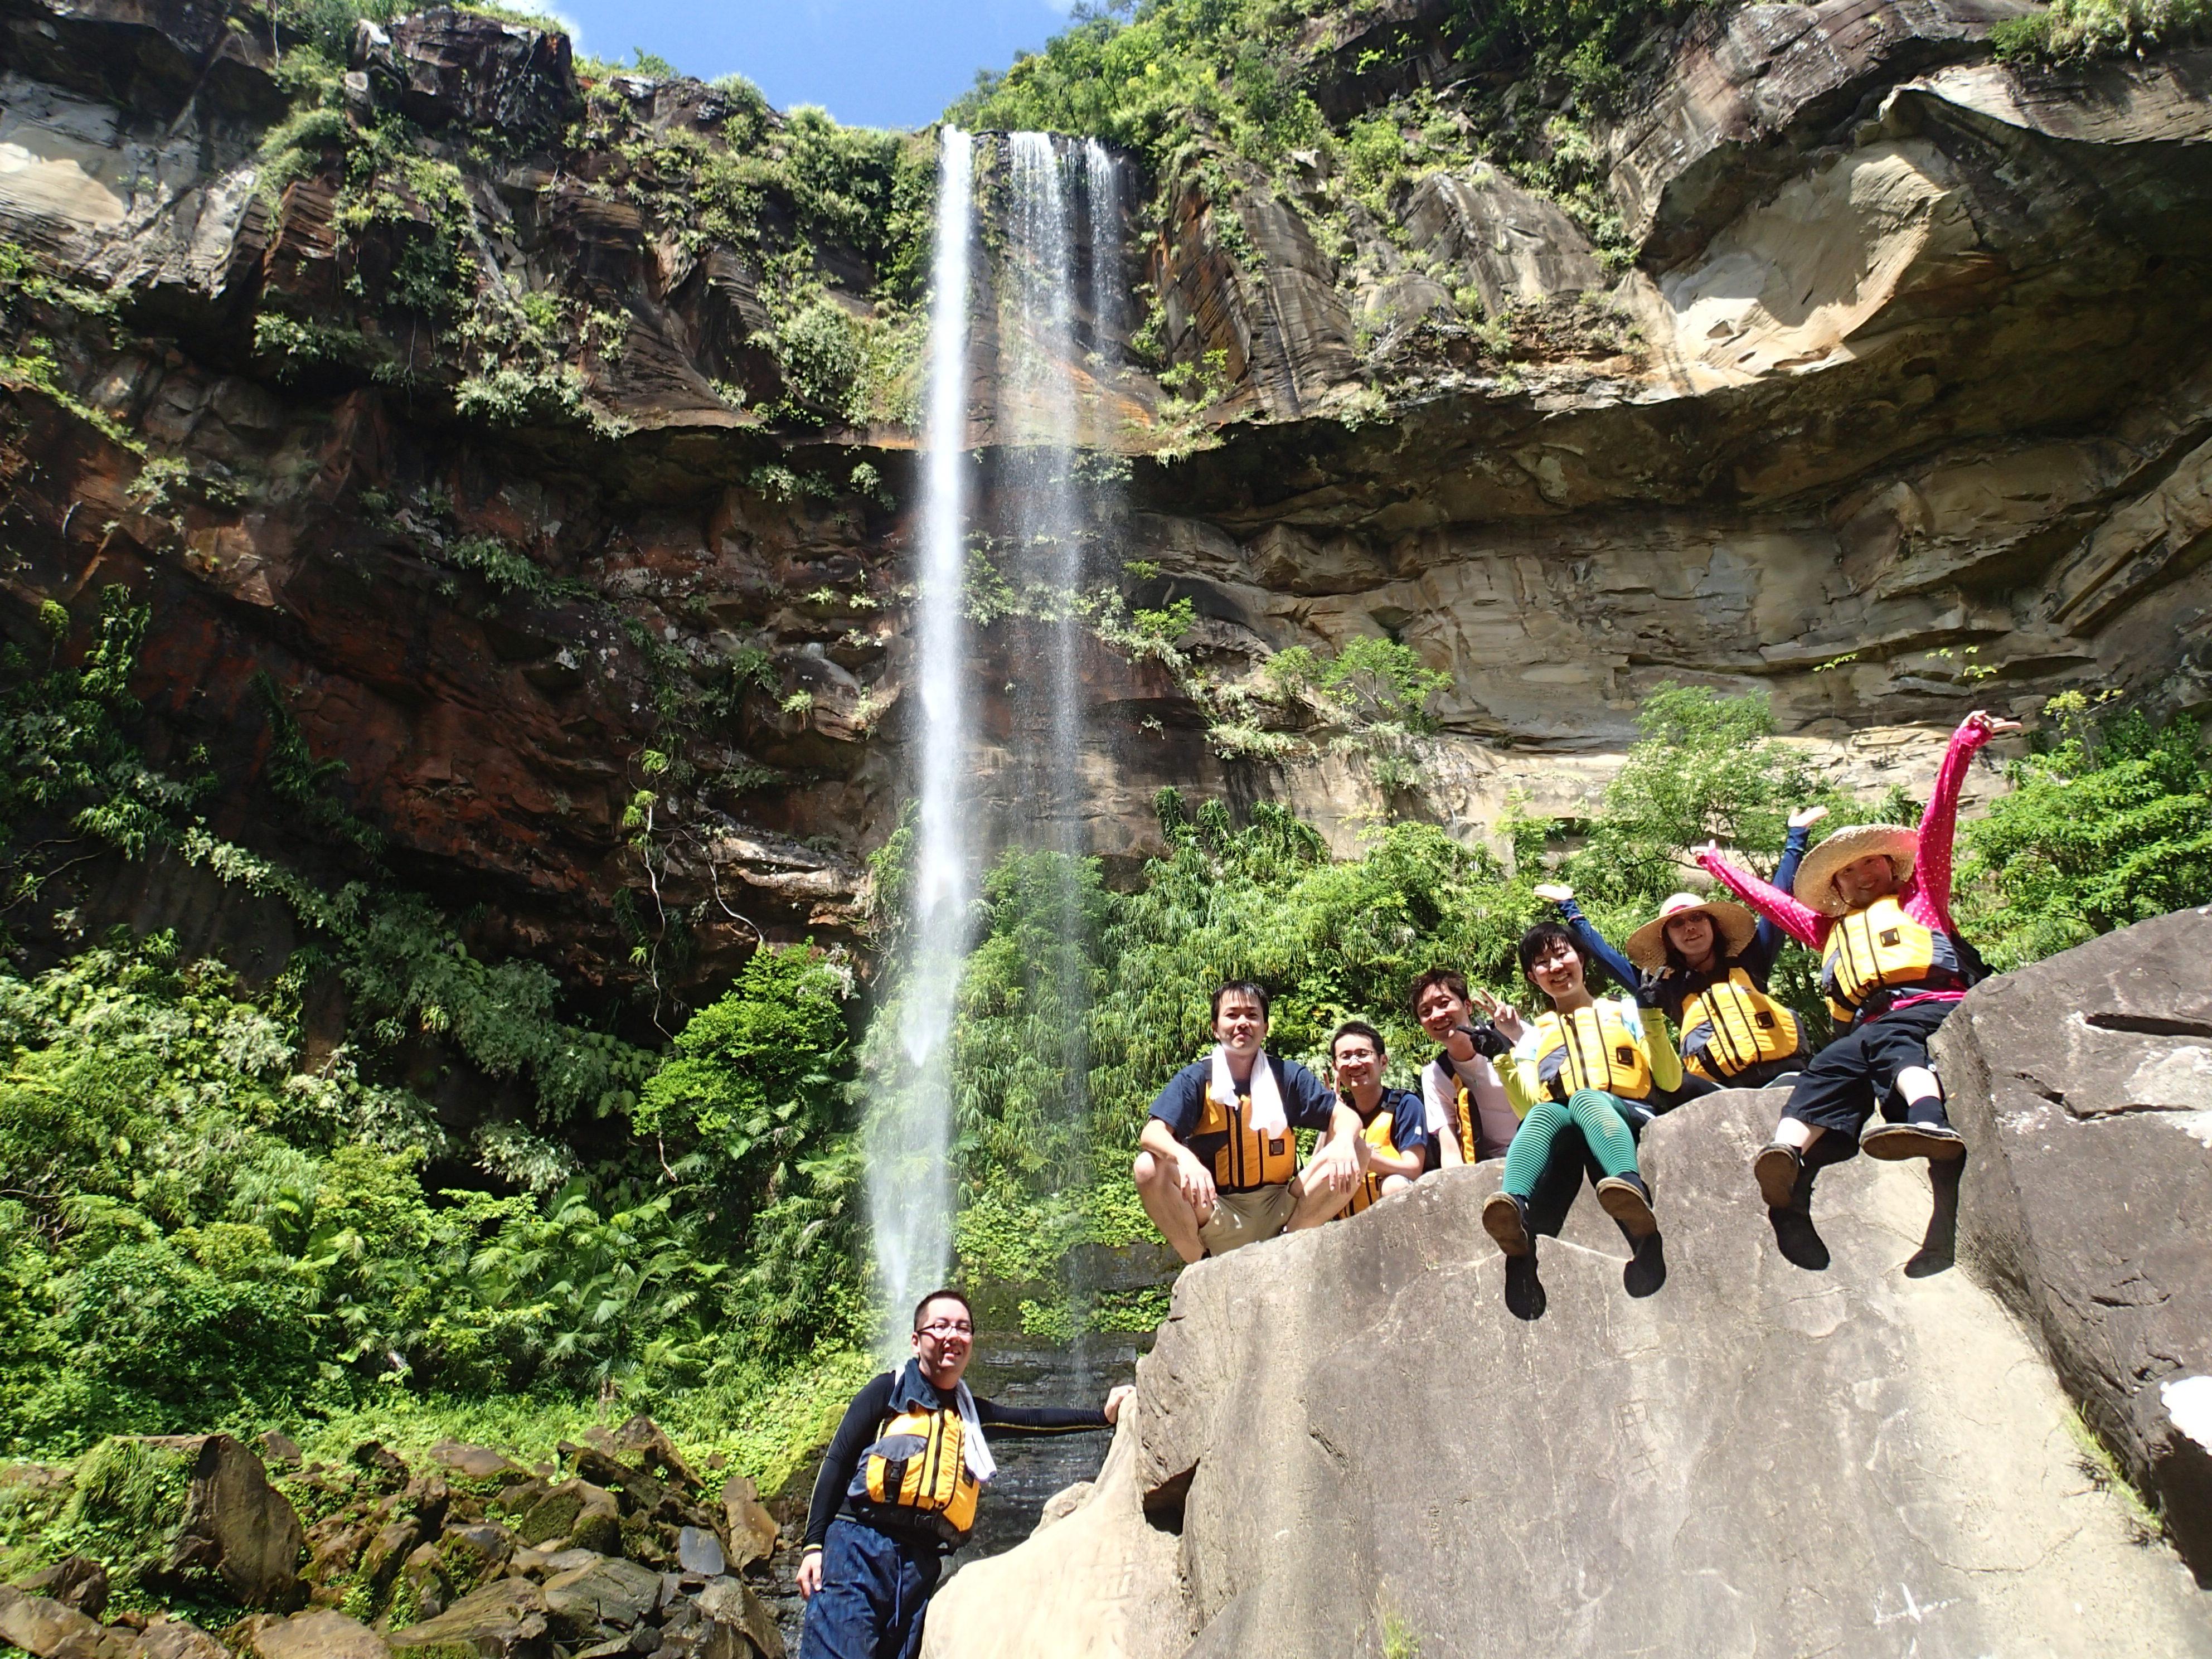 沖縄県一の西表島ピナイサーラの滝観光